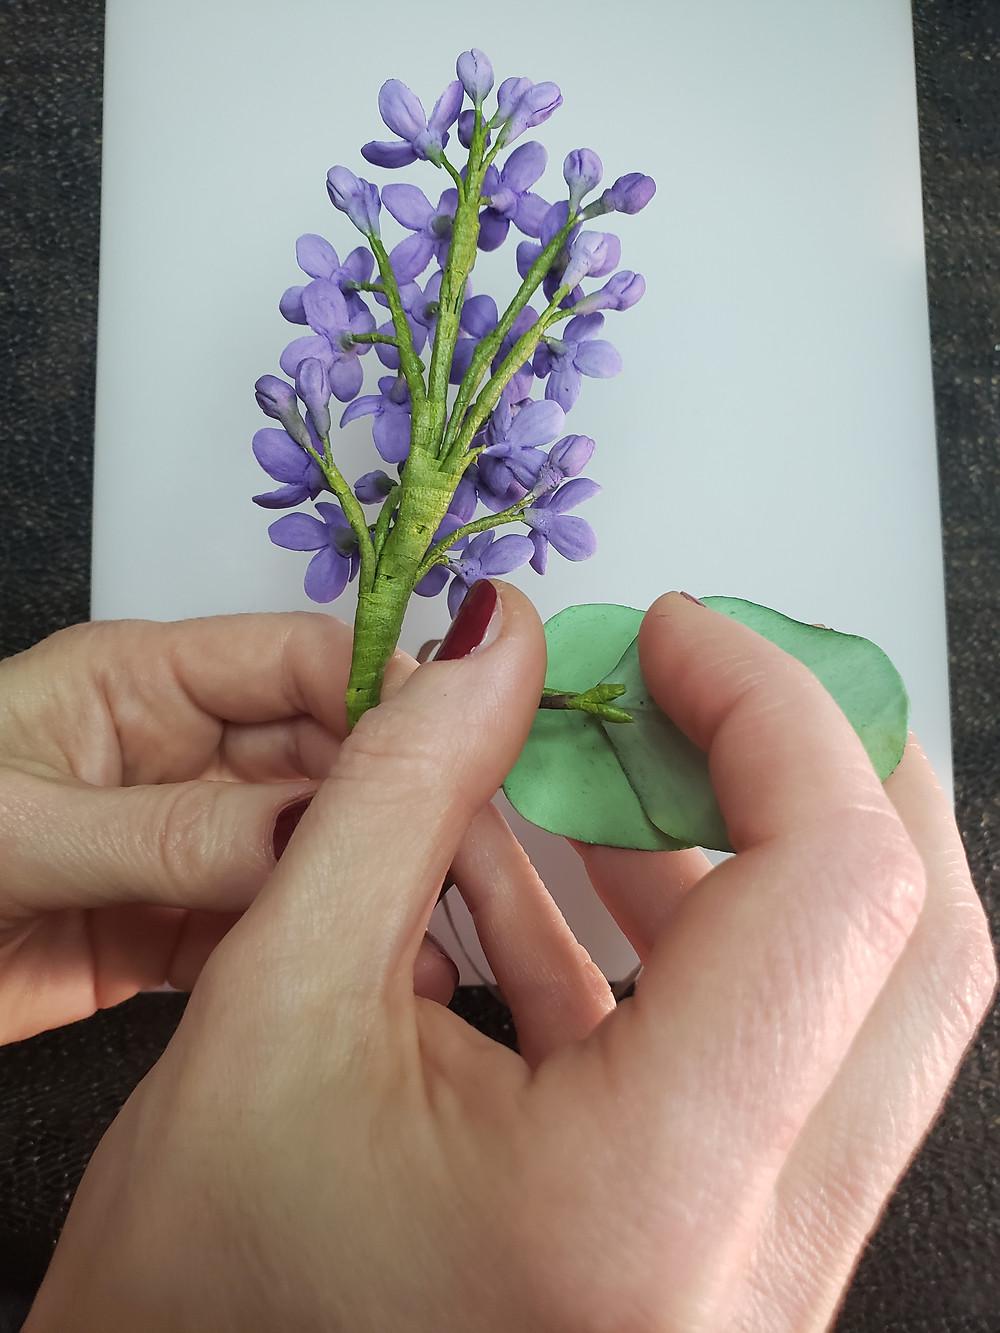 Lilac brunch assembling